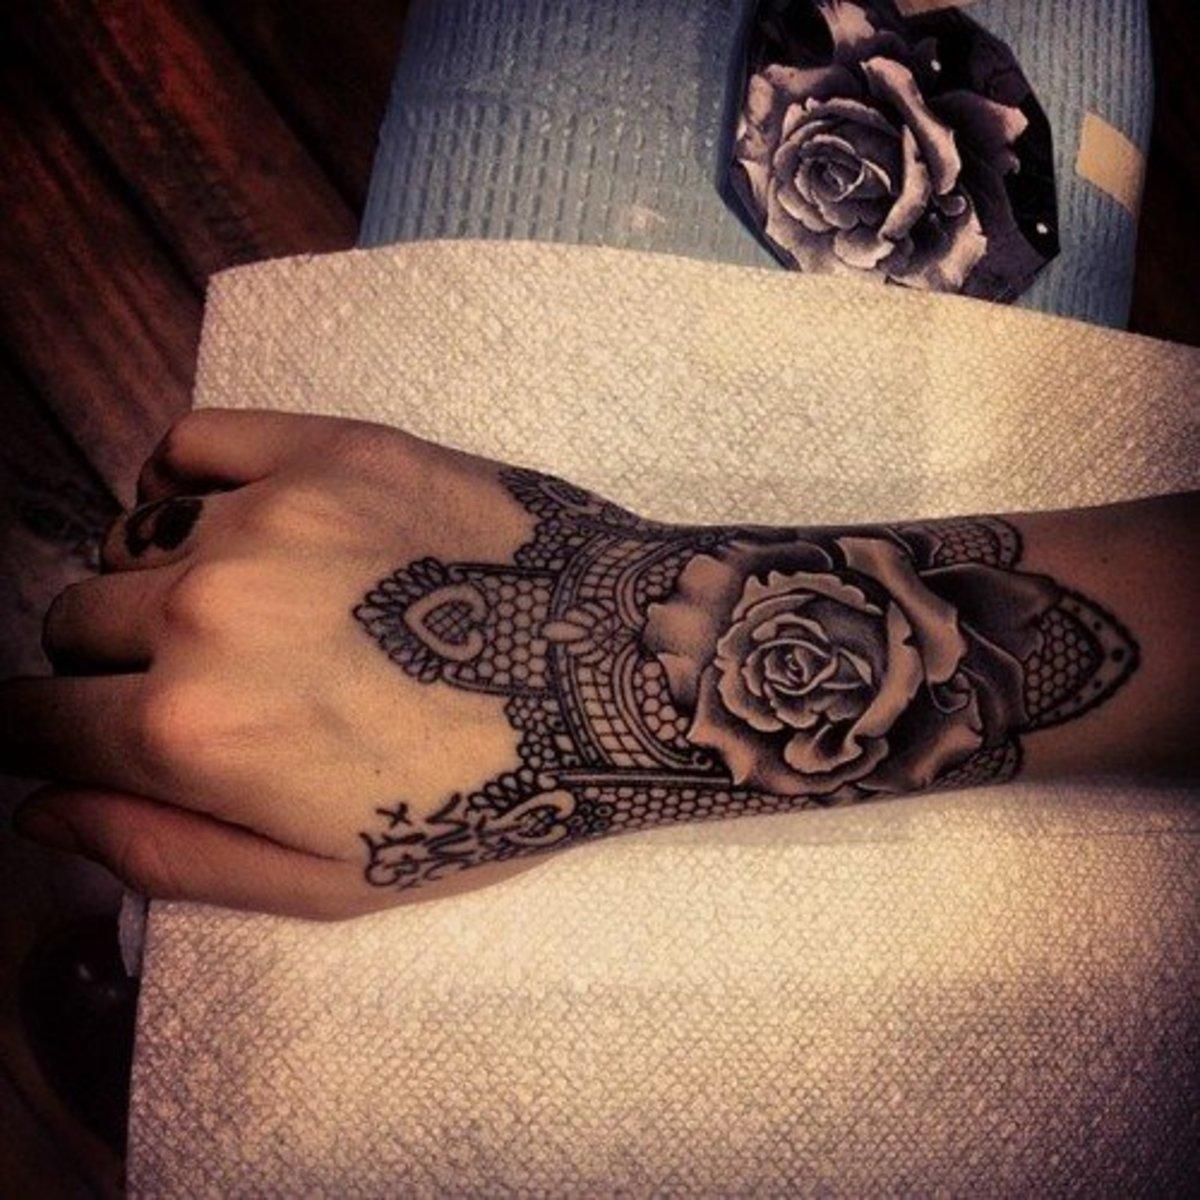 Lace wrist tattoo. Old tattoos look new again.